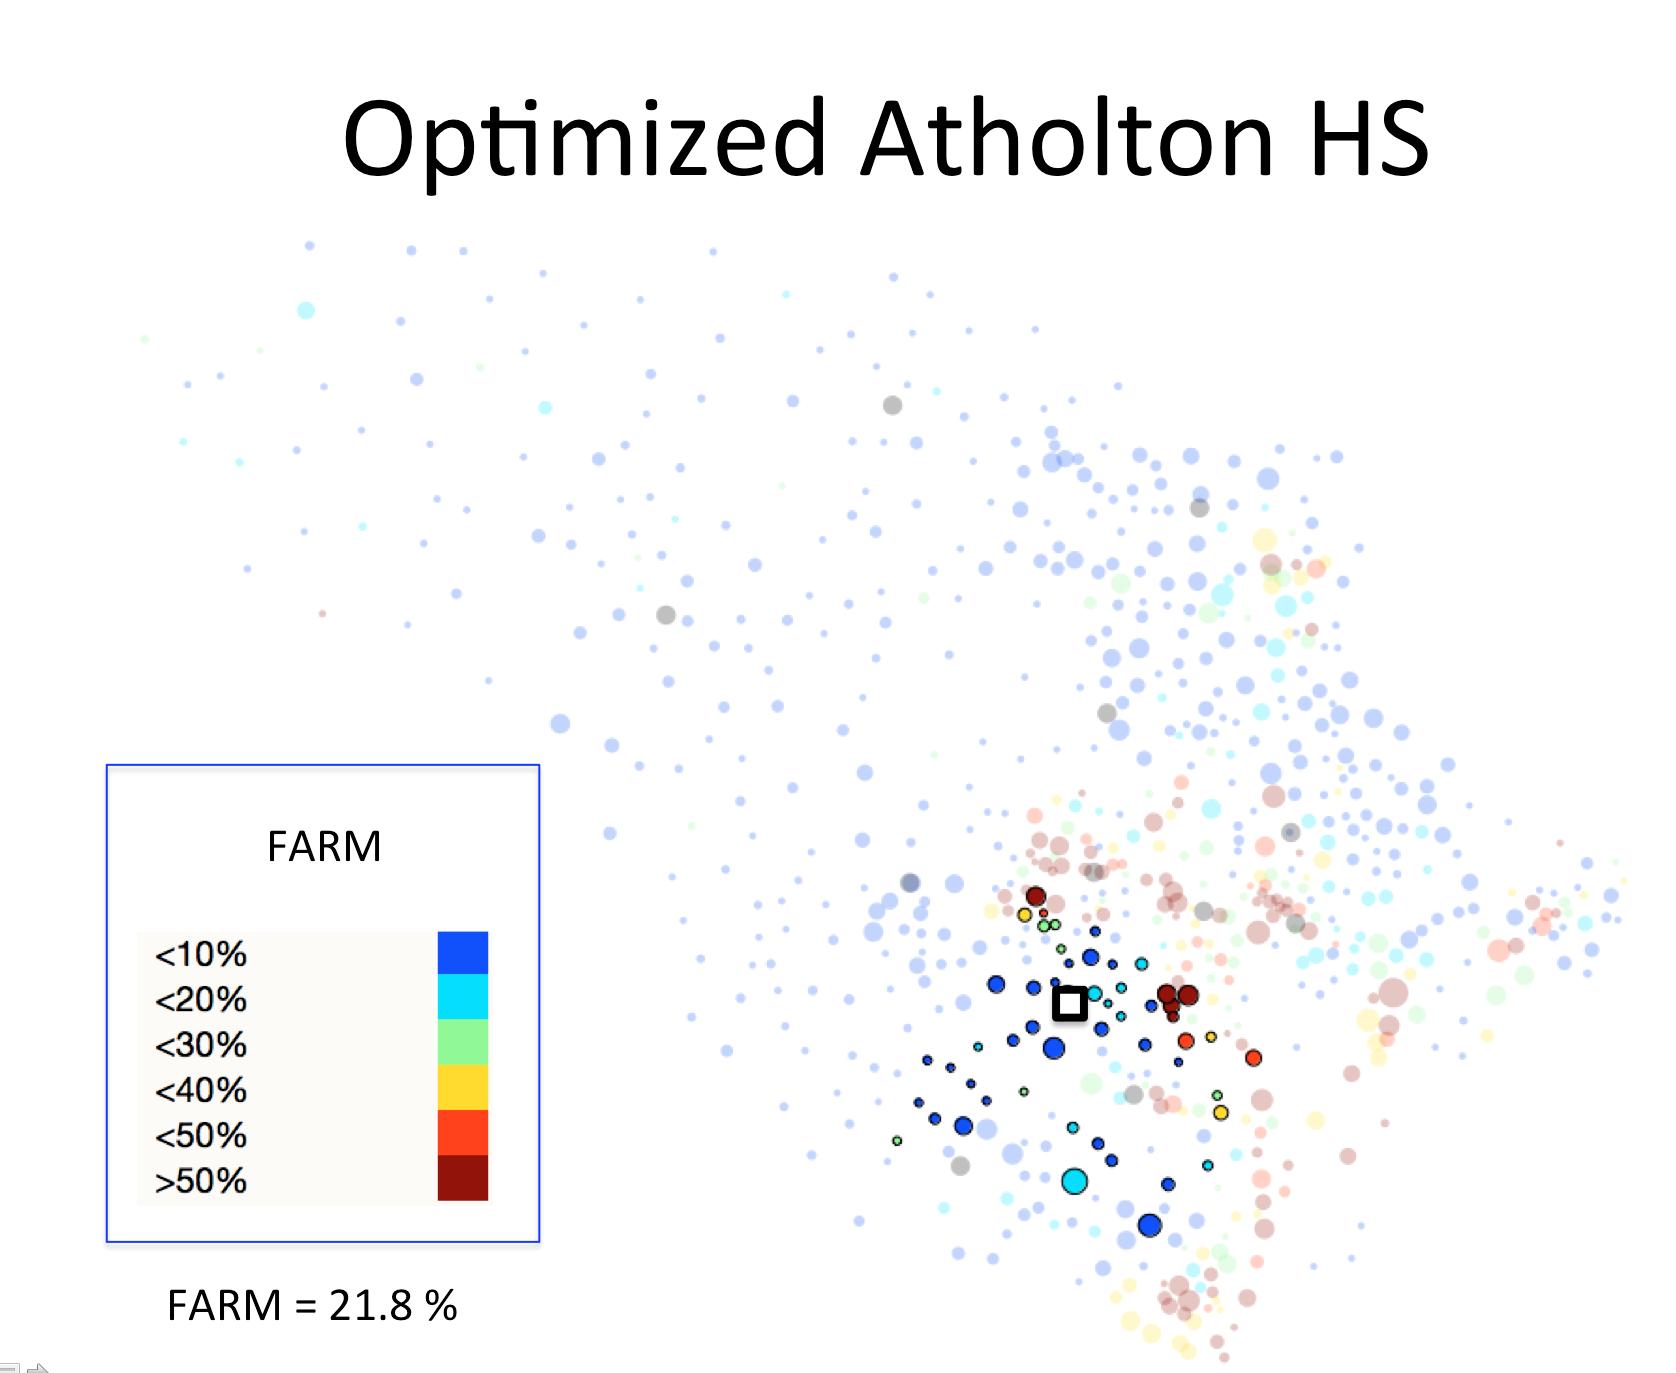 Figure 1 (A): Atholton HS District Optimized Plan